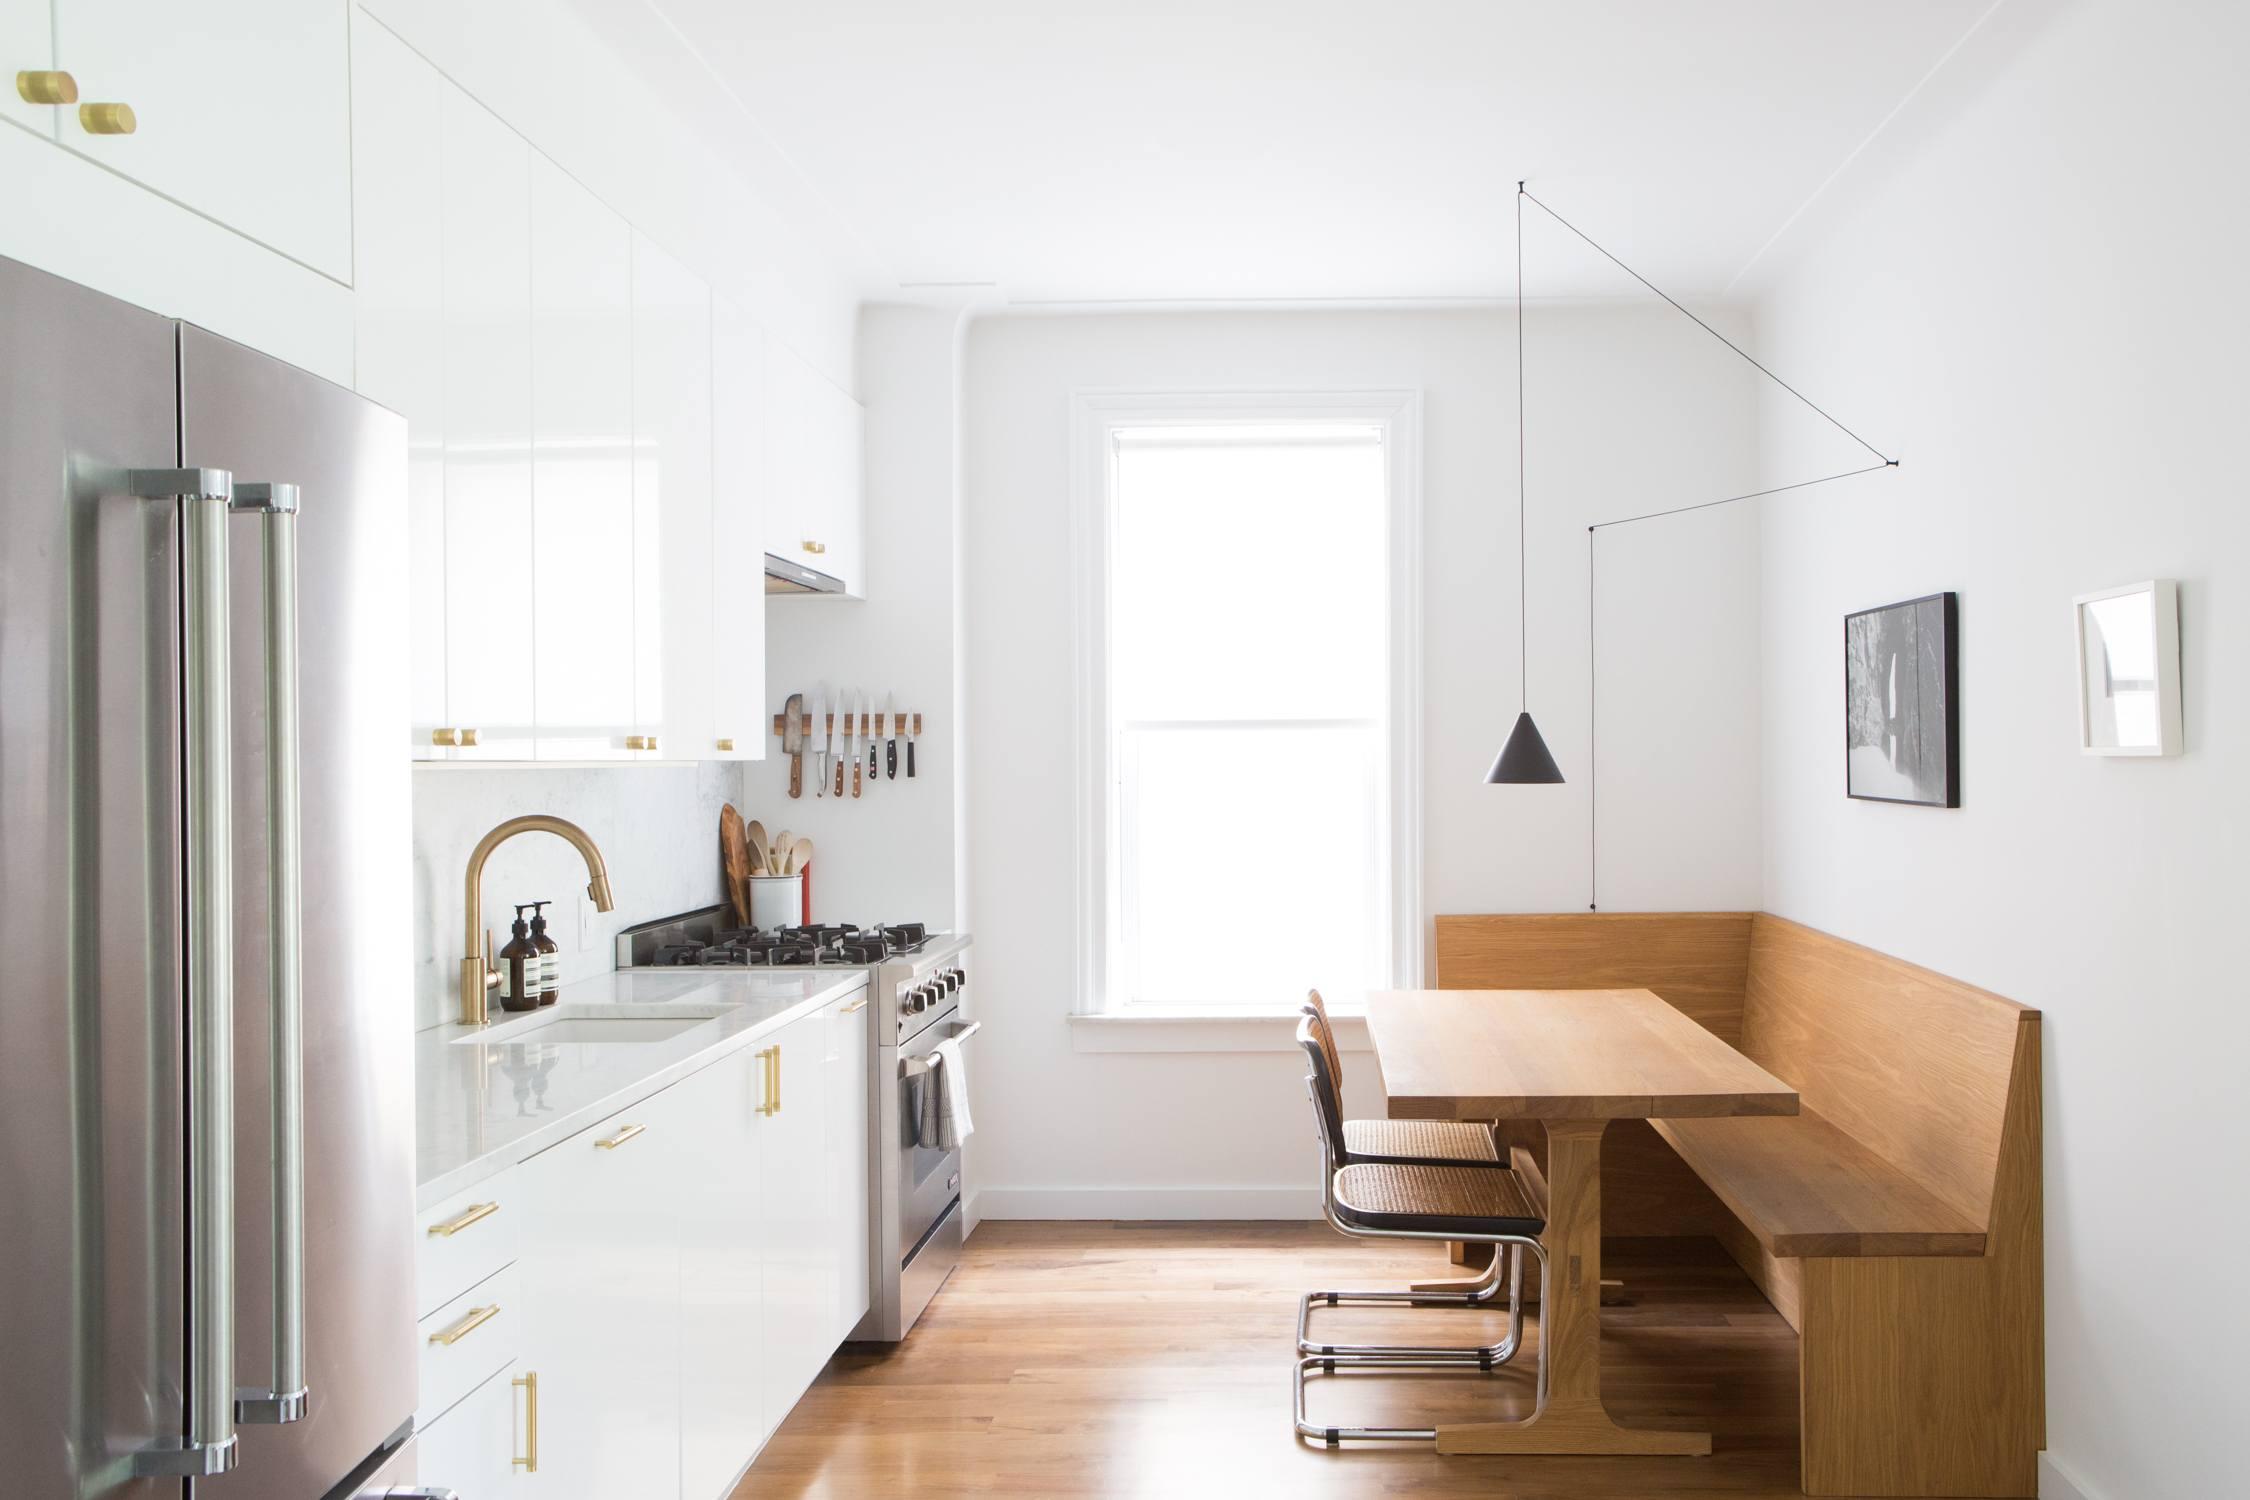 Full Size of Ringhult Ikea Kitchen Of The Wan With An Elegant Upper Cabinet Betten 160x200 Küche Kosten Miniküche Kaufen Modulküche Bei Sofa Mit Schlaffunktion Wohnzimmer Ringhult Ikea